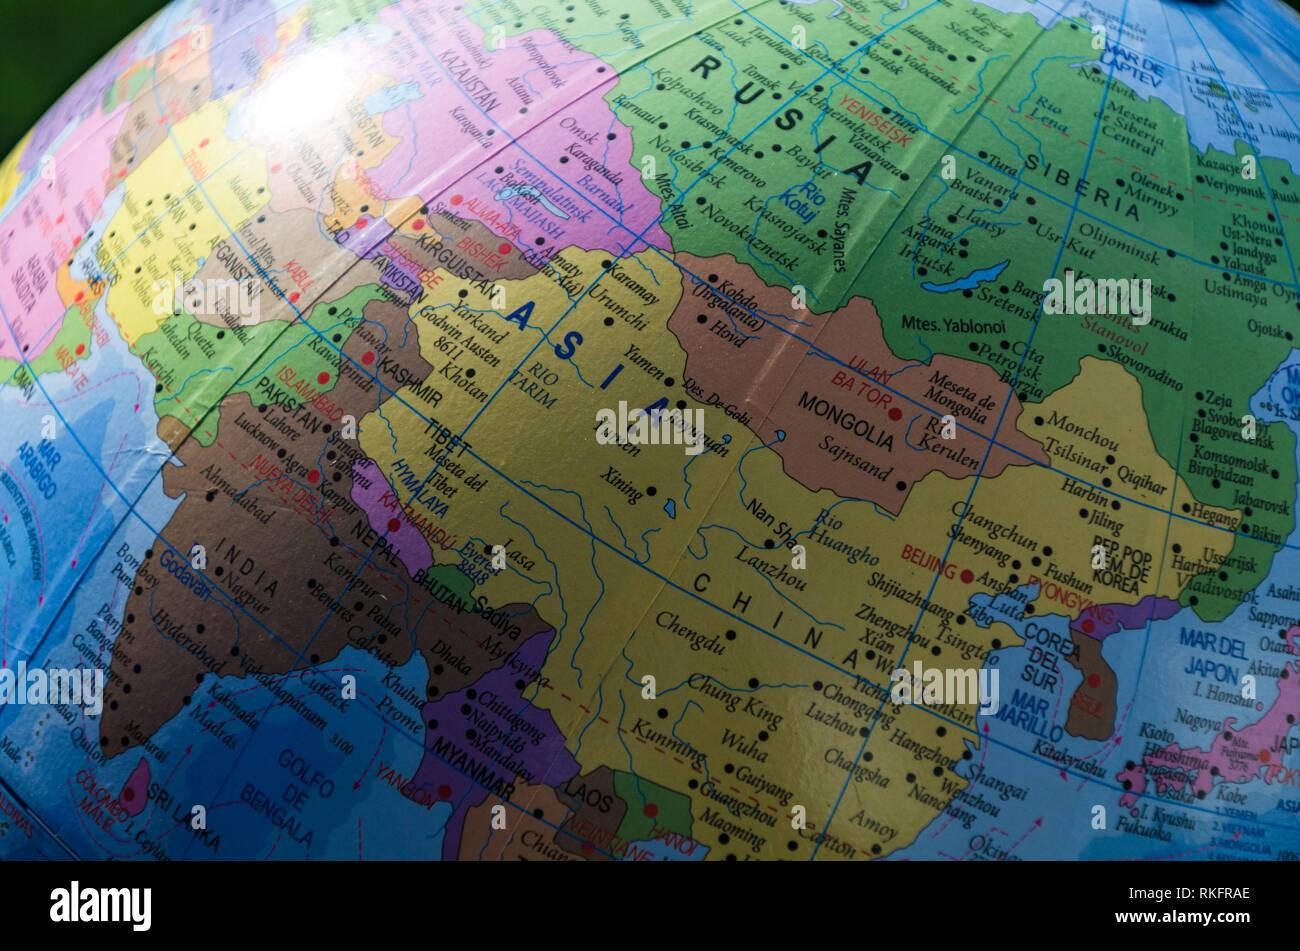 Karte Russland Asien.Karte Von Europa Asien Und Russland In Einem Geographischen Globus